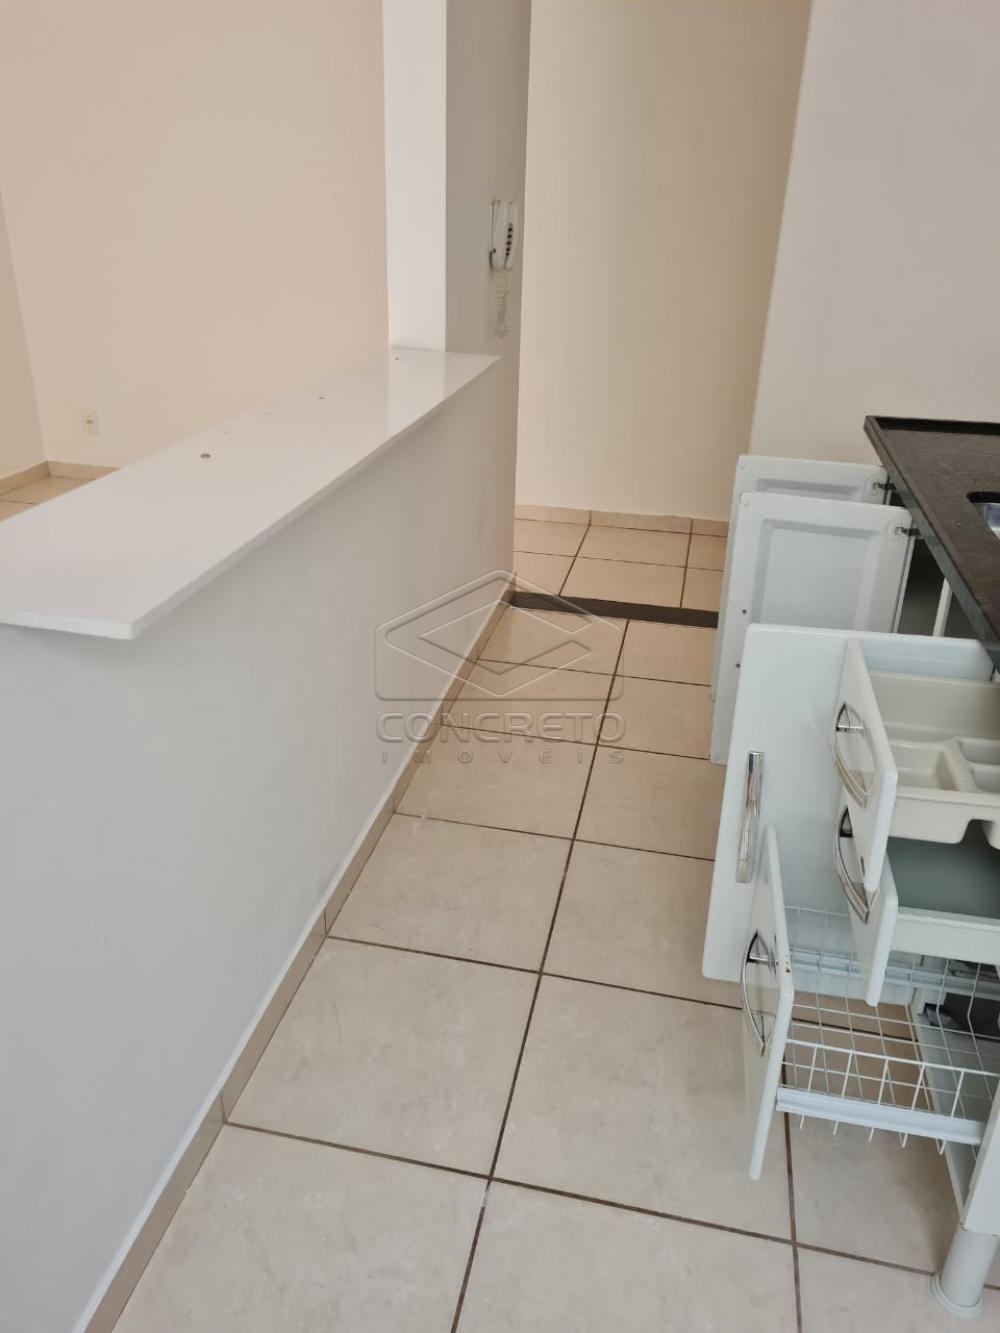 Alugar Apartamento / Padrão em Bauru apenas R$ 650,00 - Foto 6